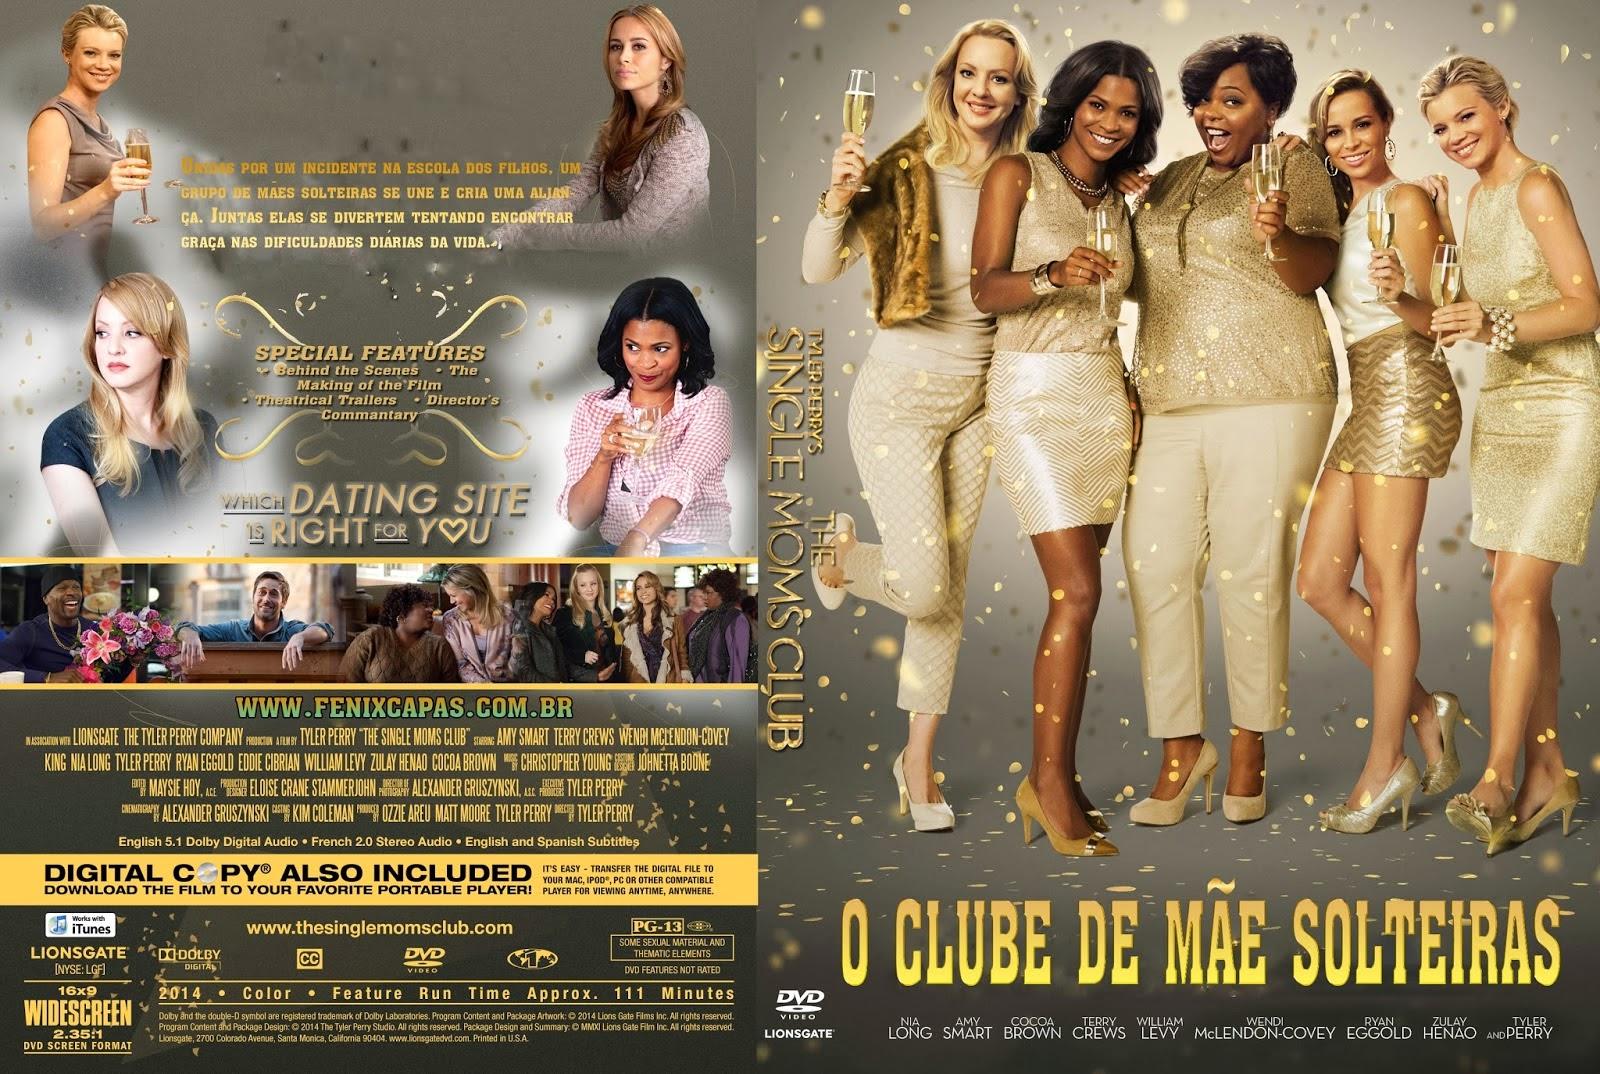 Download O Clube das Mães Solteiras BDRip XviD Dual Áudio O Clube De M C3 A3e Solteiras